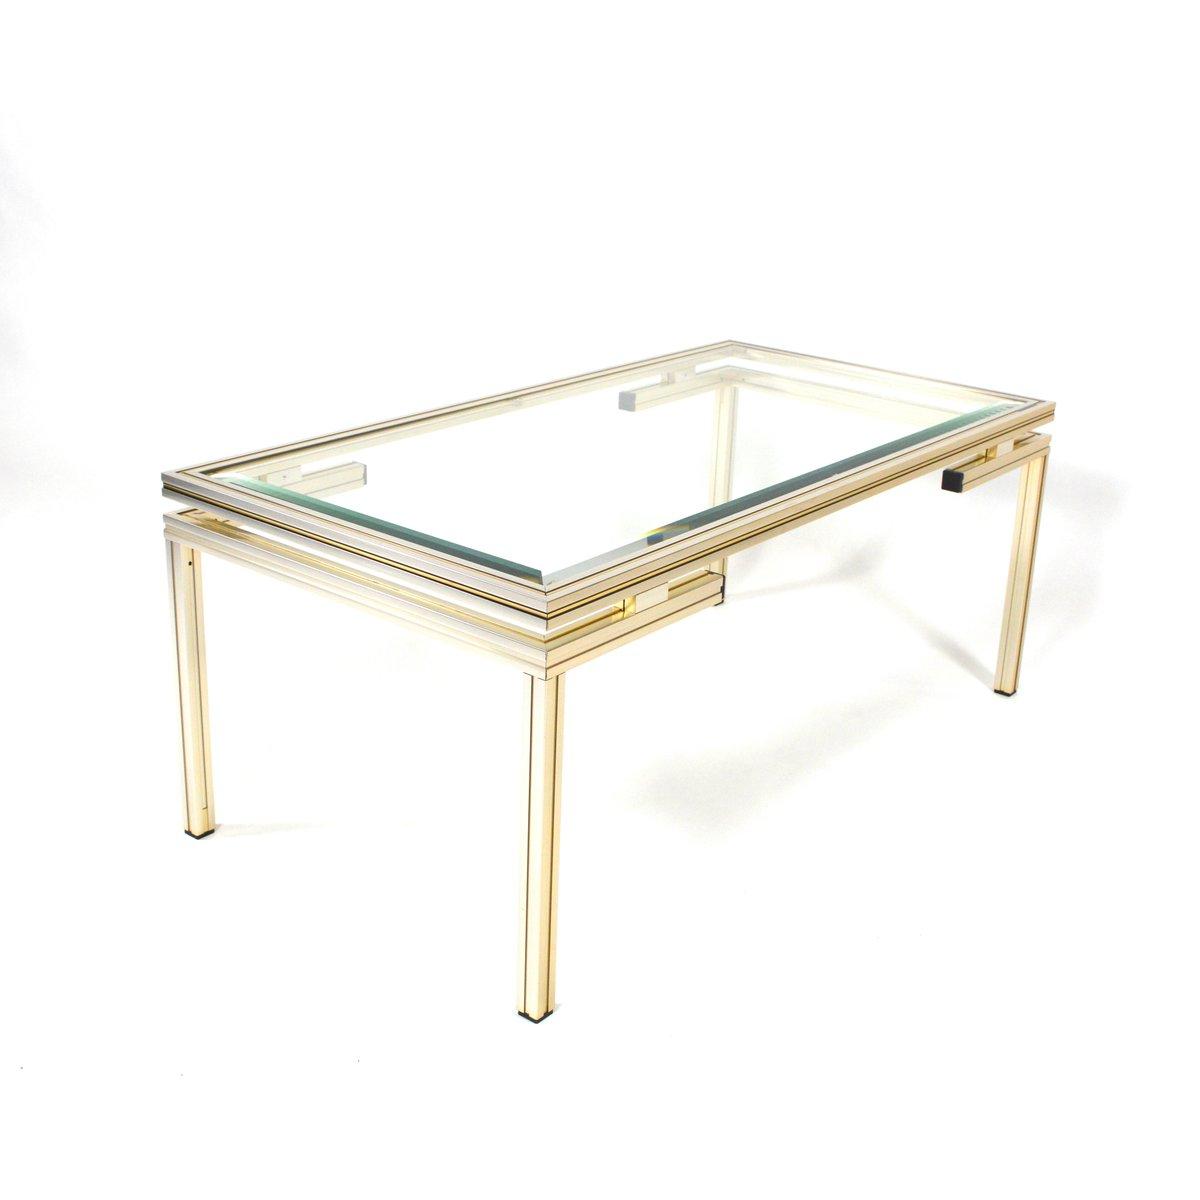 table basse or et argent par pierre vandel france 1970s. Black Bedroom Furniture Sets. Home Design Ideas